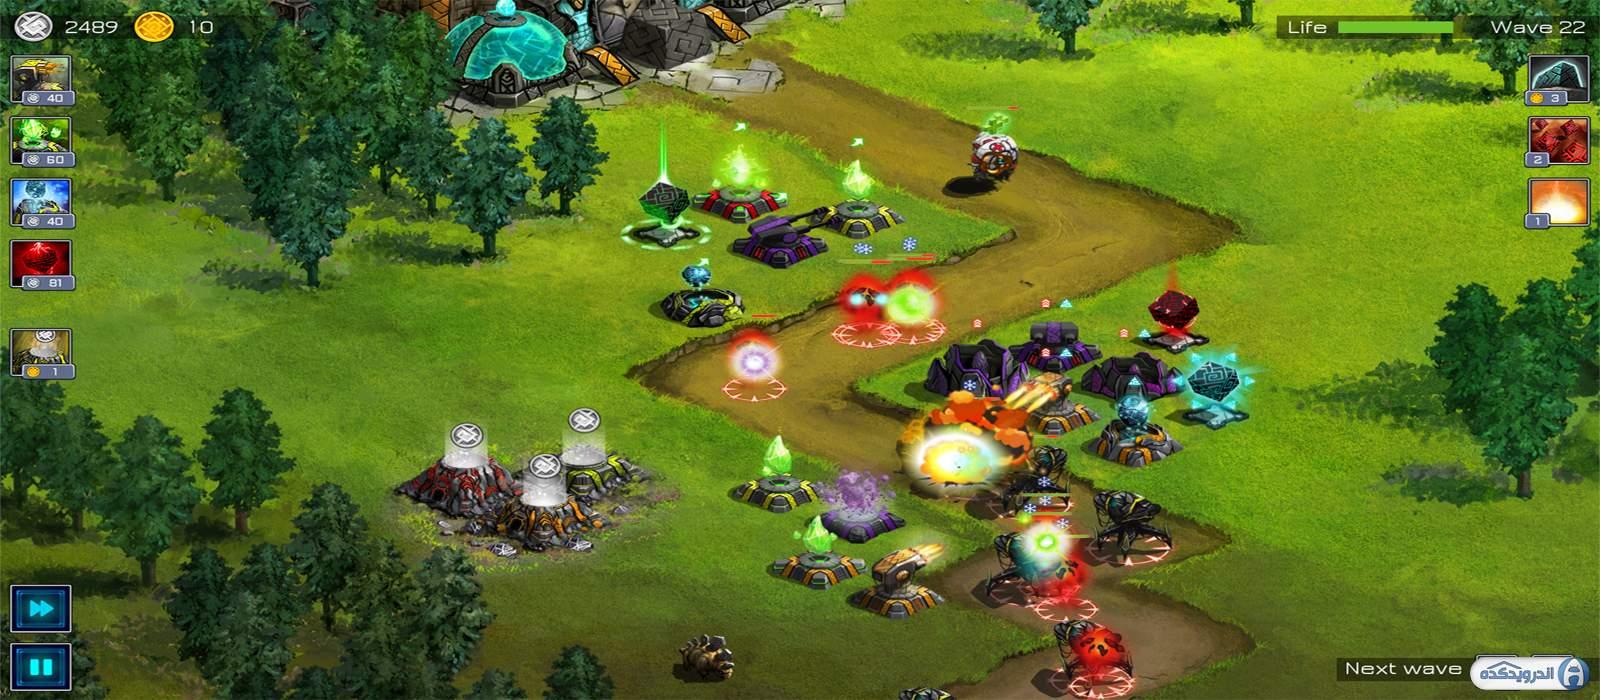 دانلود Ancient Planet Tower Defense 1.2.17  بازی برج دفاعی سیاره باستانی اندروید + مود